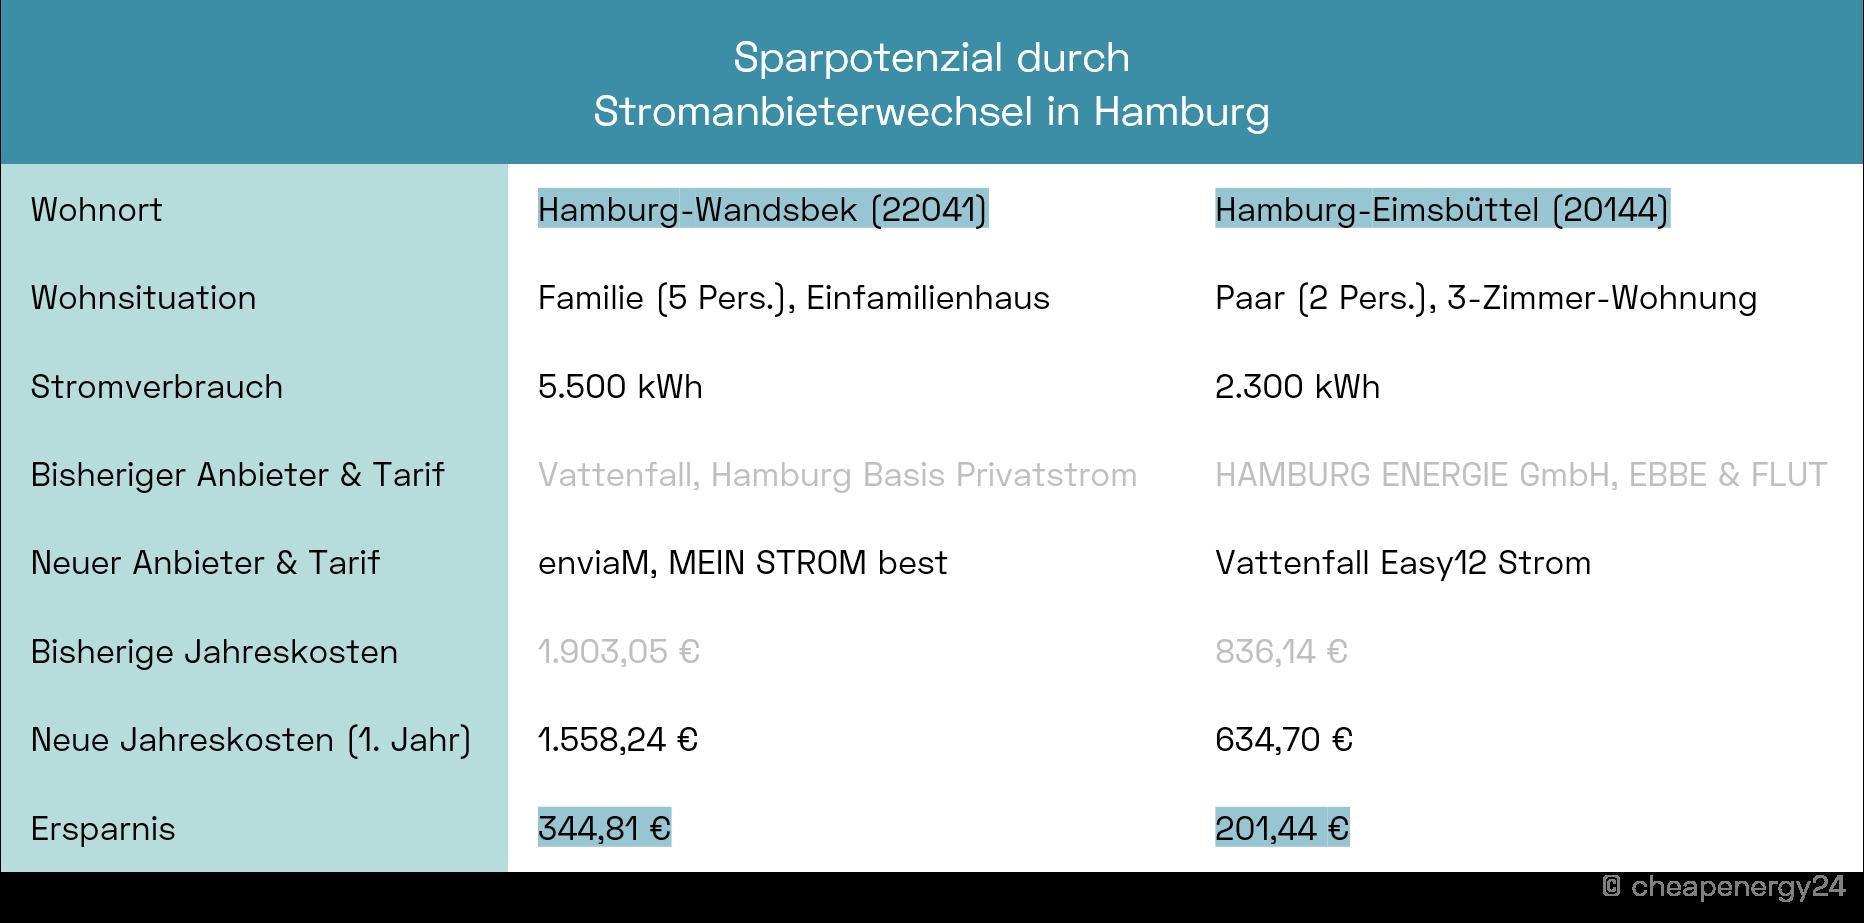 Hamburg Stromanbieter wechseln Sparpotenzial